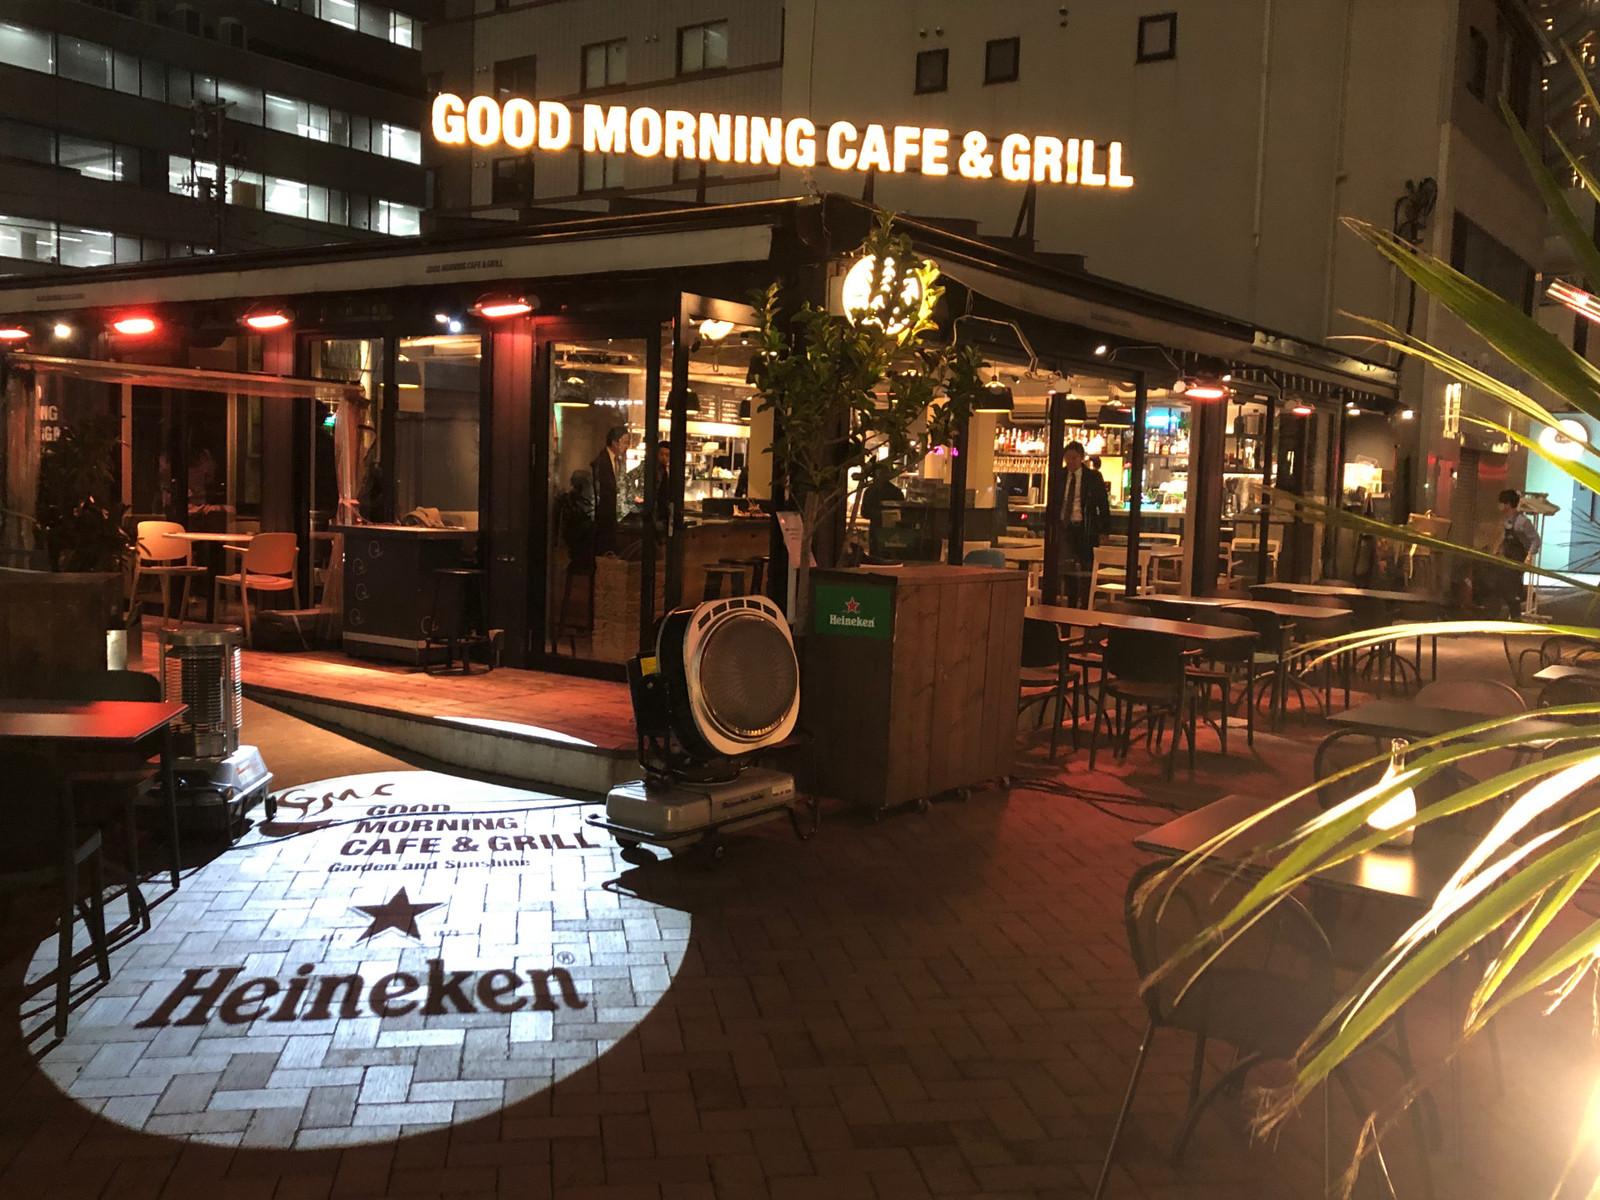 Goodmorningcafe_4